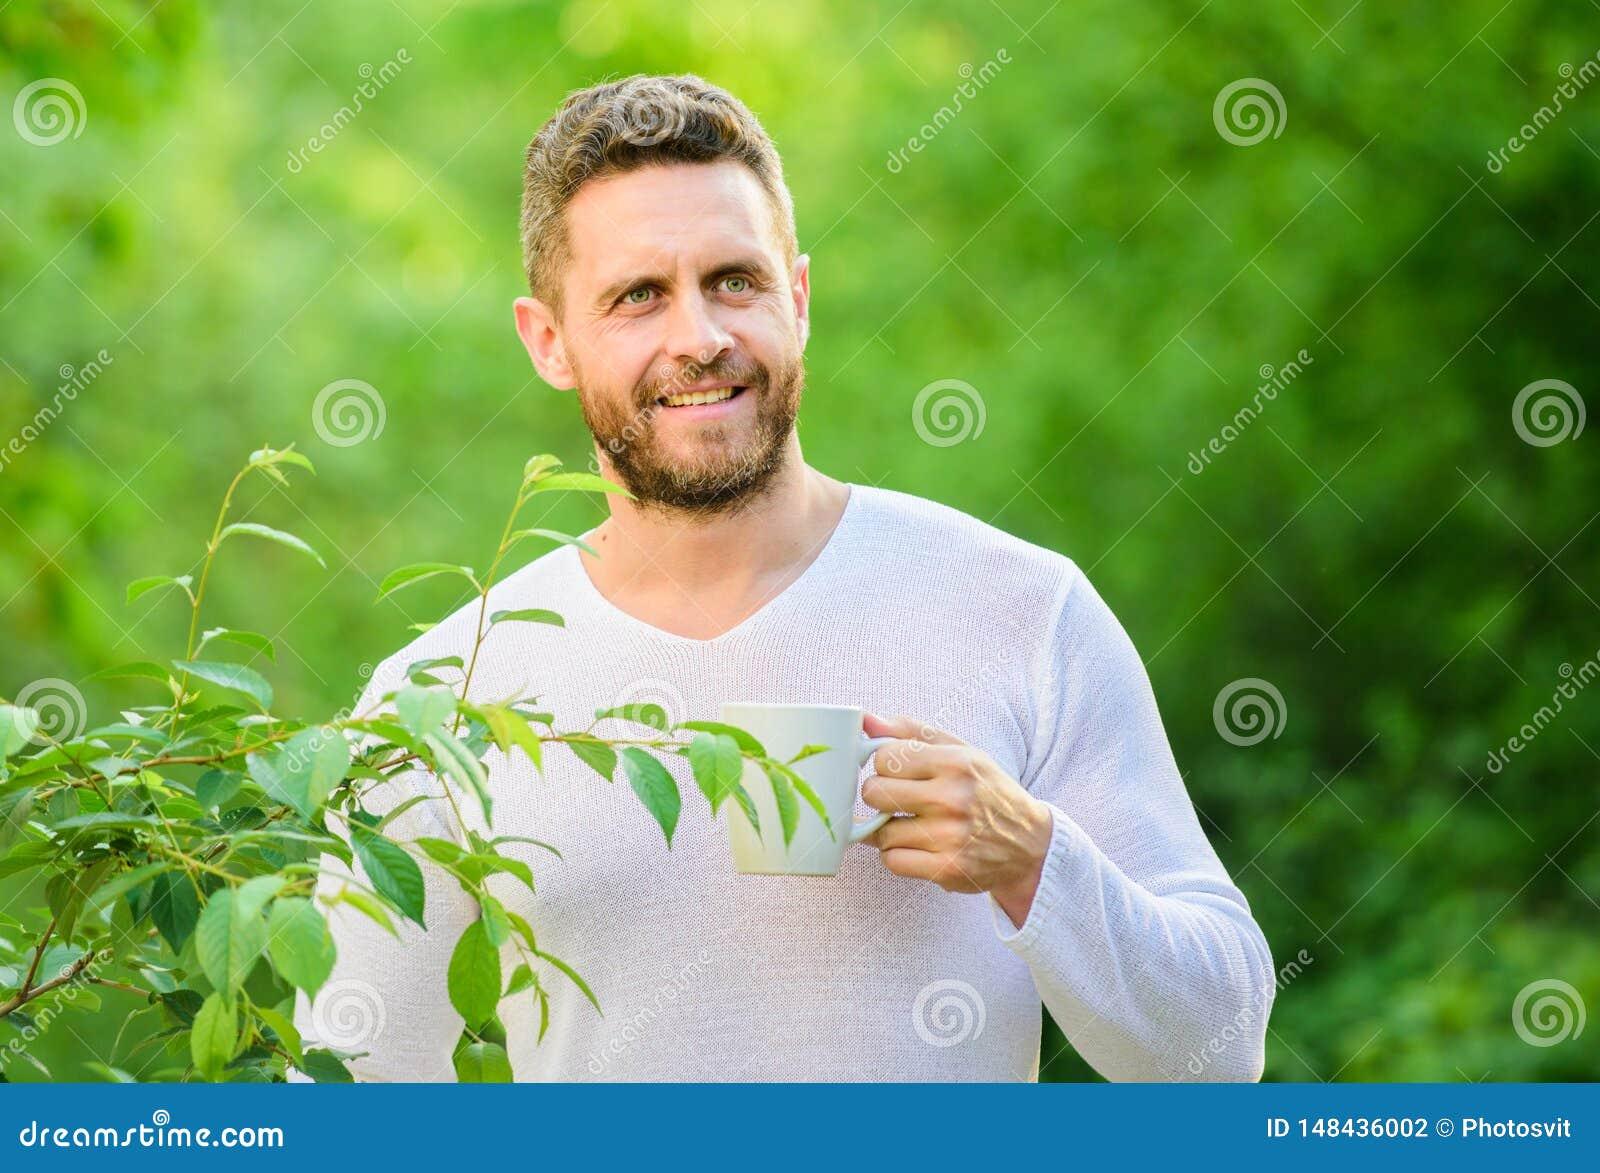 Gr?nt te inneh?ller bioactive sammans?ttningar som f?rb?ttrar h?lsa Naturlig drink Sund livsstil Jag f?redrar gr?nt te